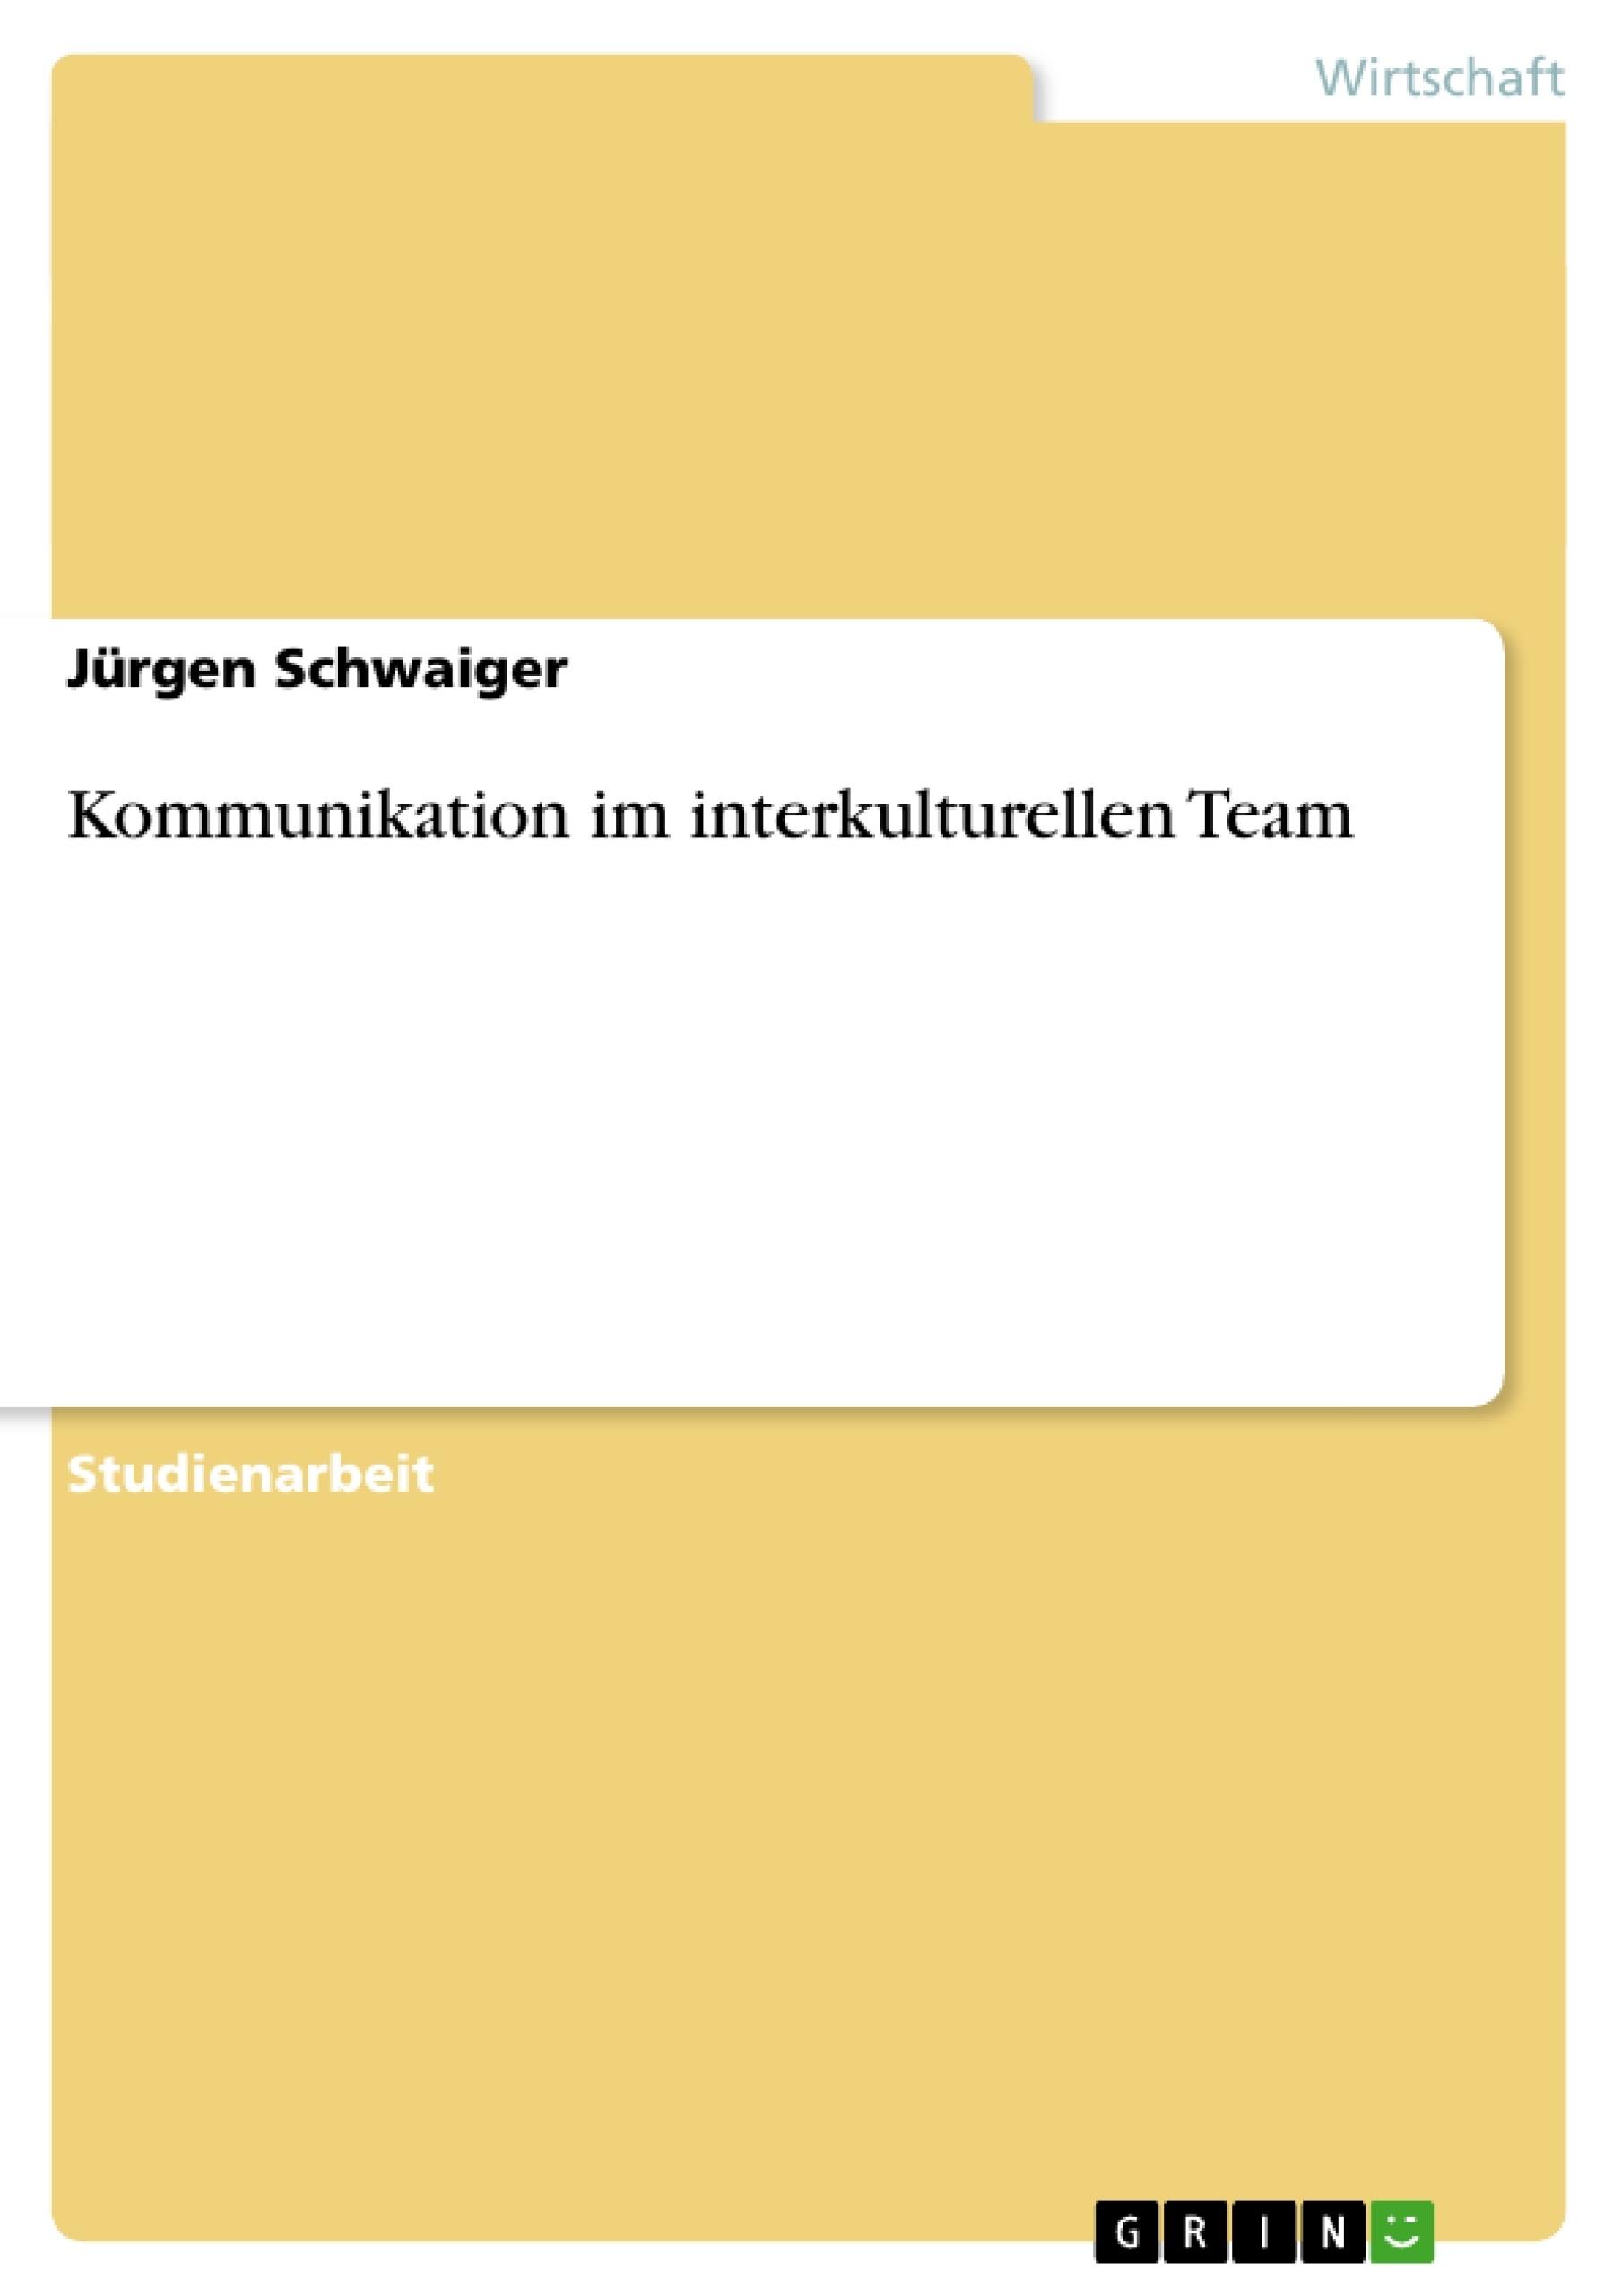 Titel: Kommunikation im interkulturellen Team